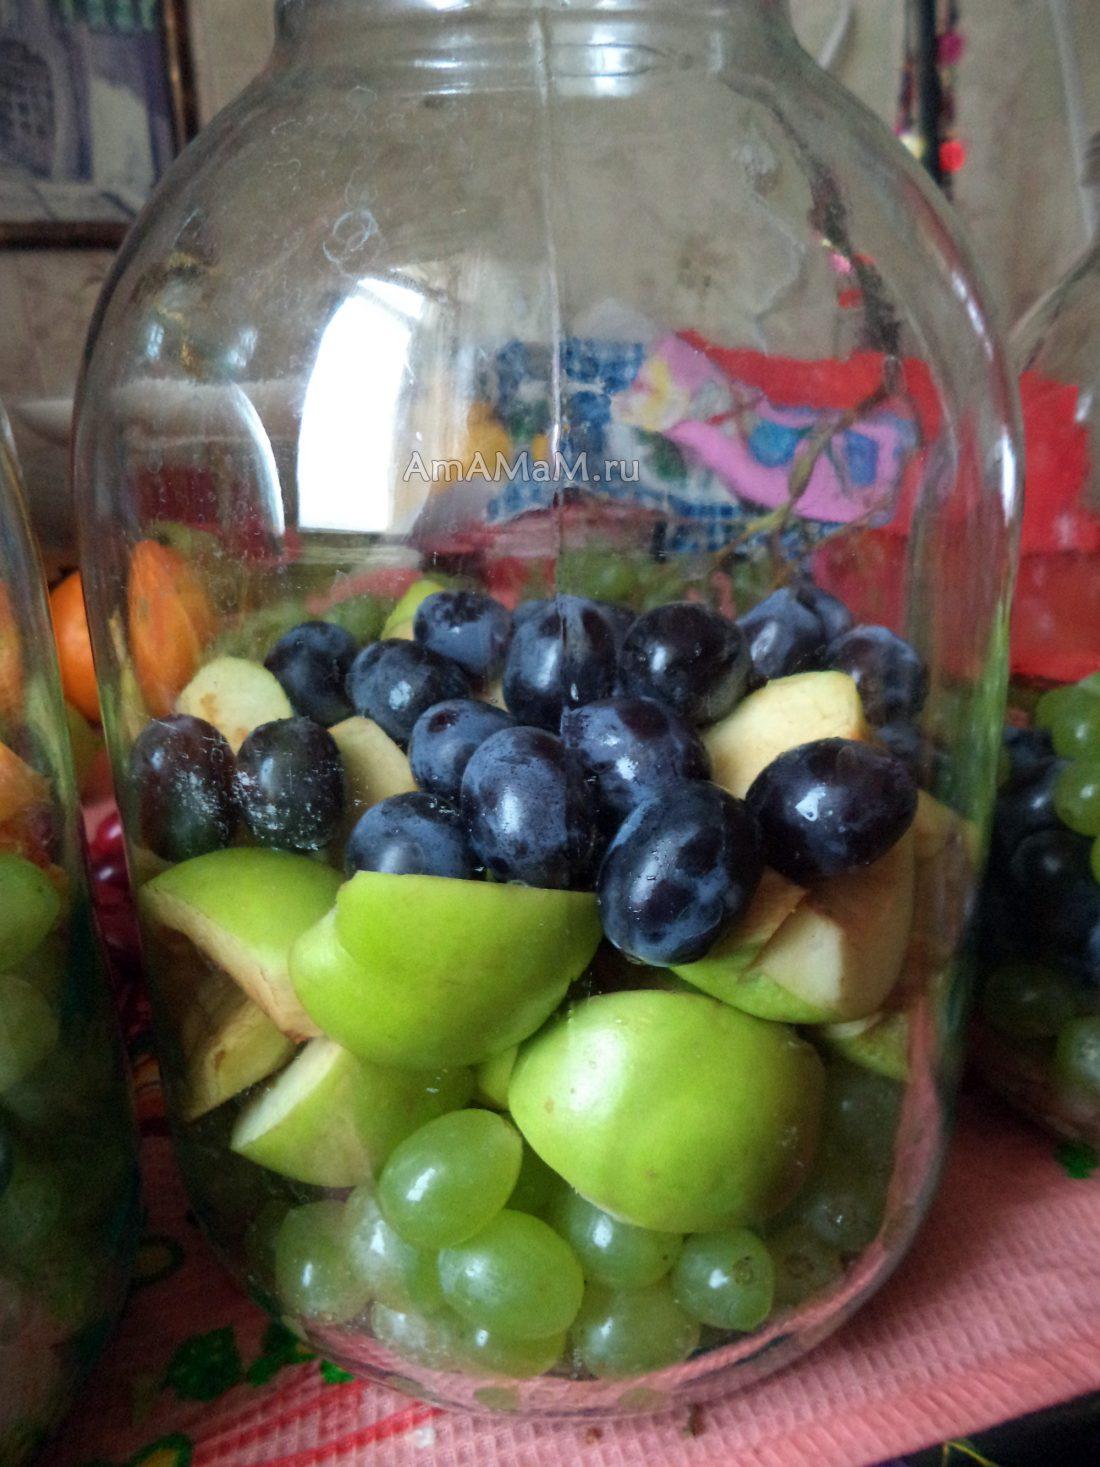 Компот из винограда и яблок на зиму - мир винограда - сайт для виноградарей и виноделов